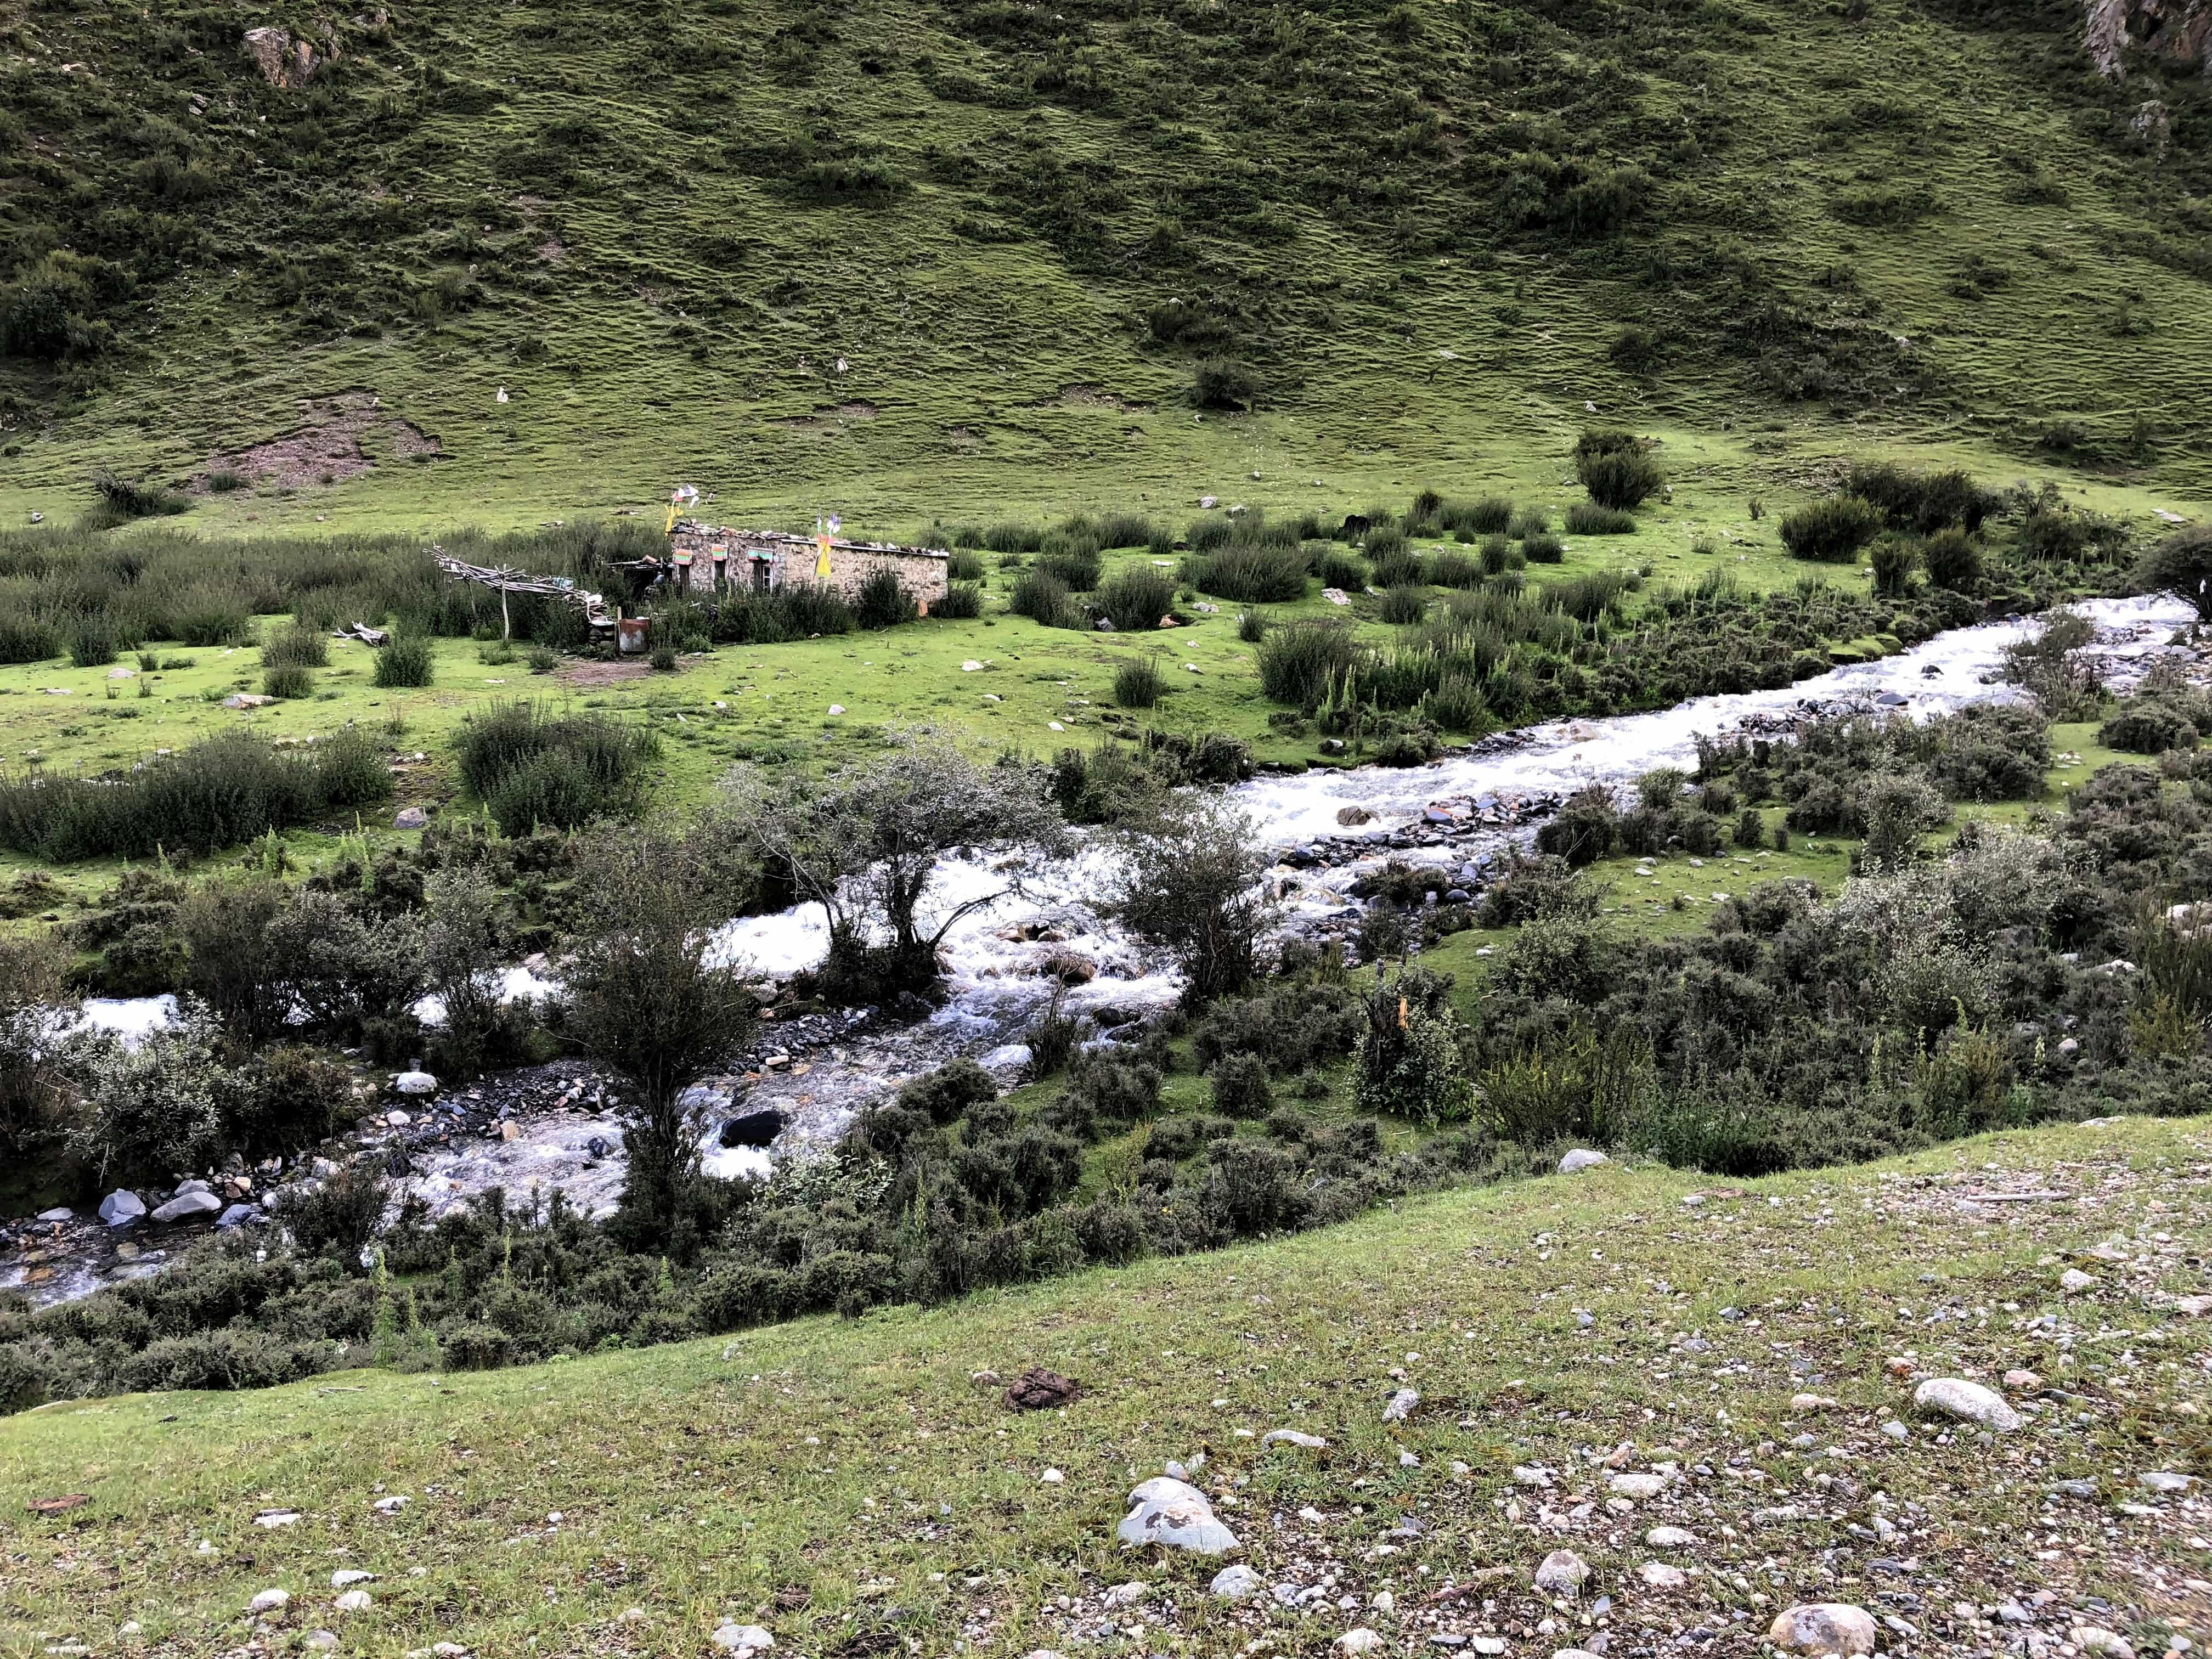 Herders camp in Tibet